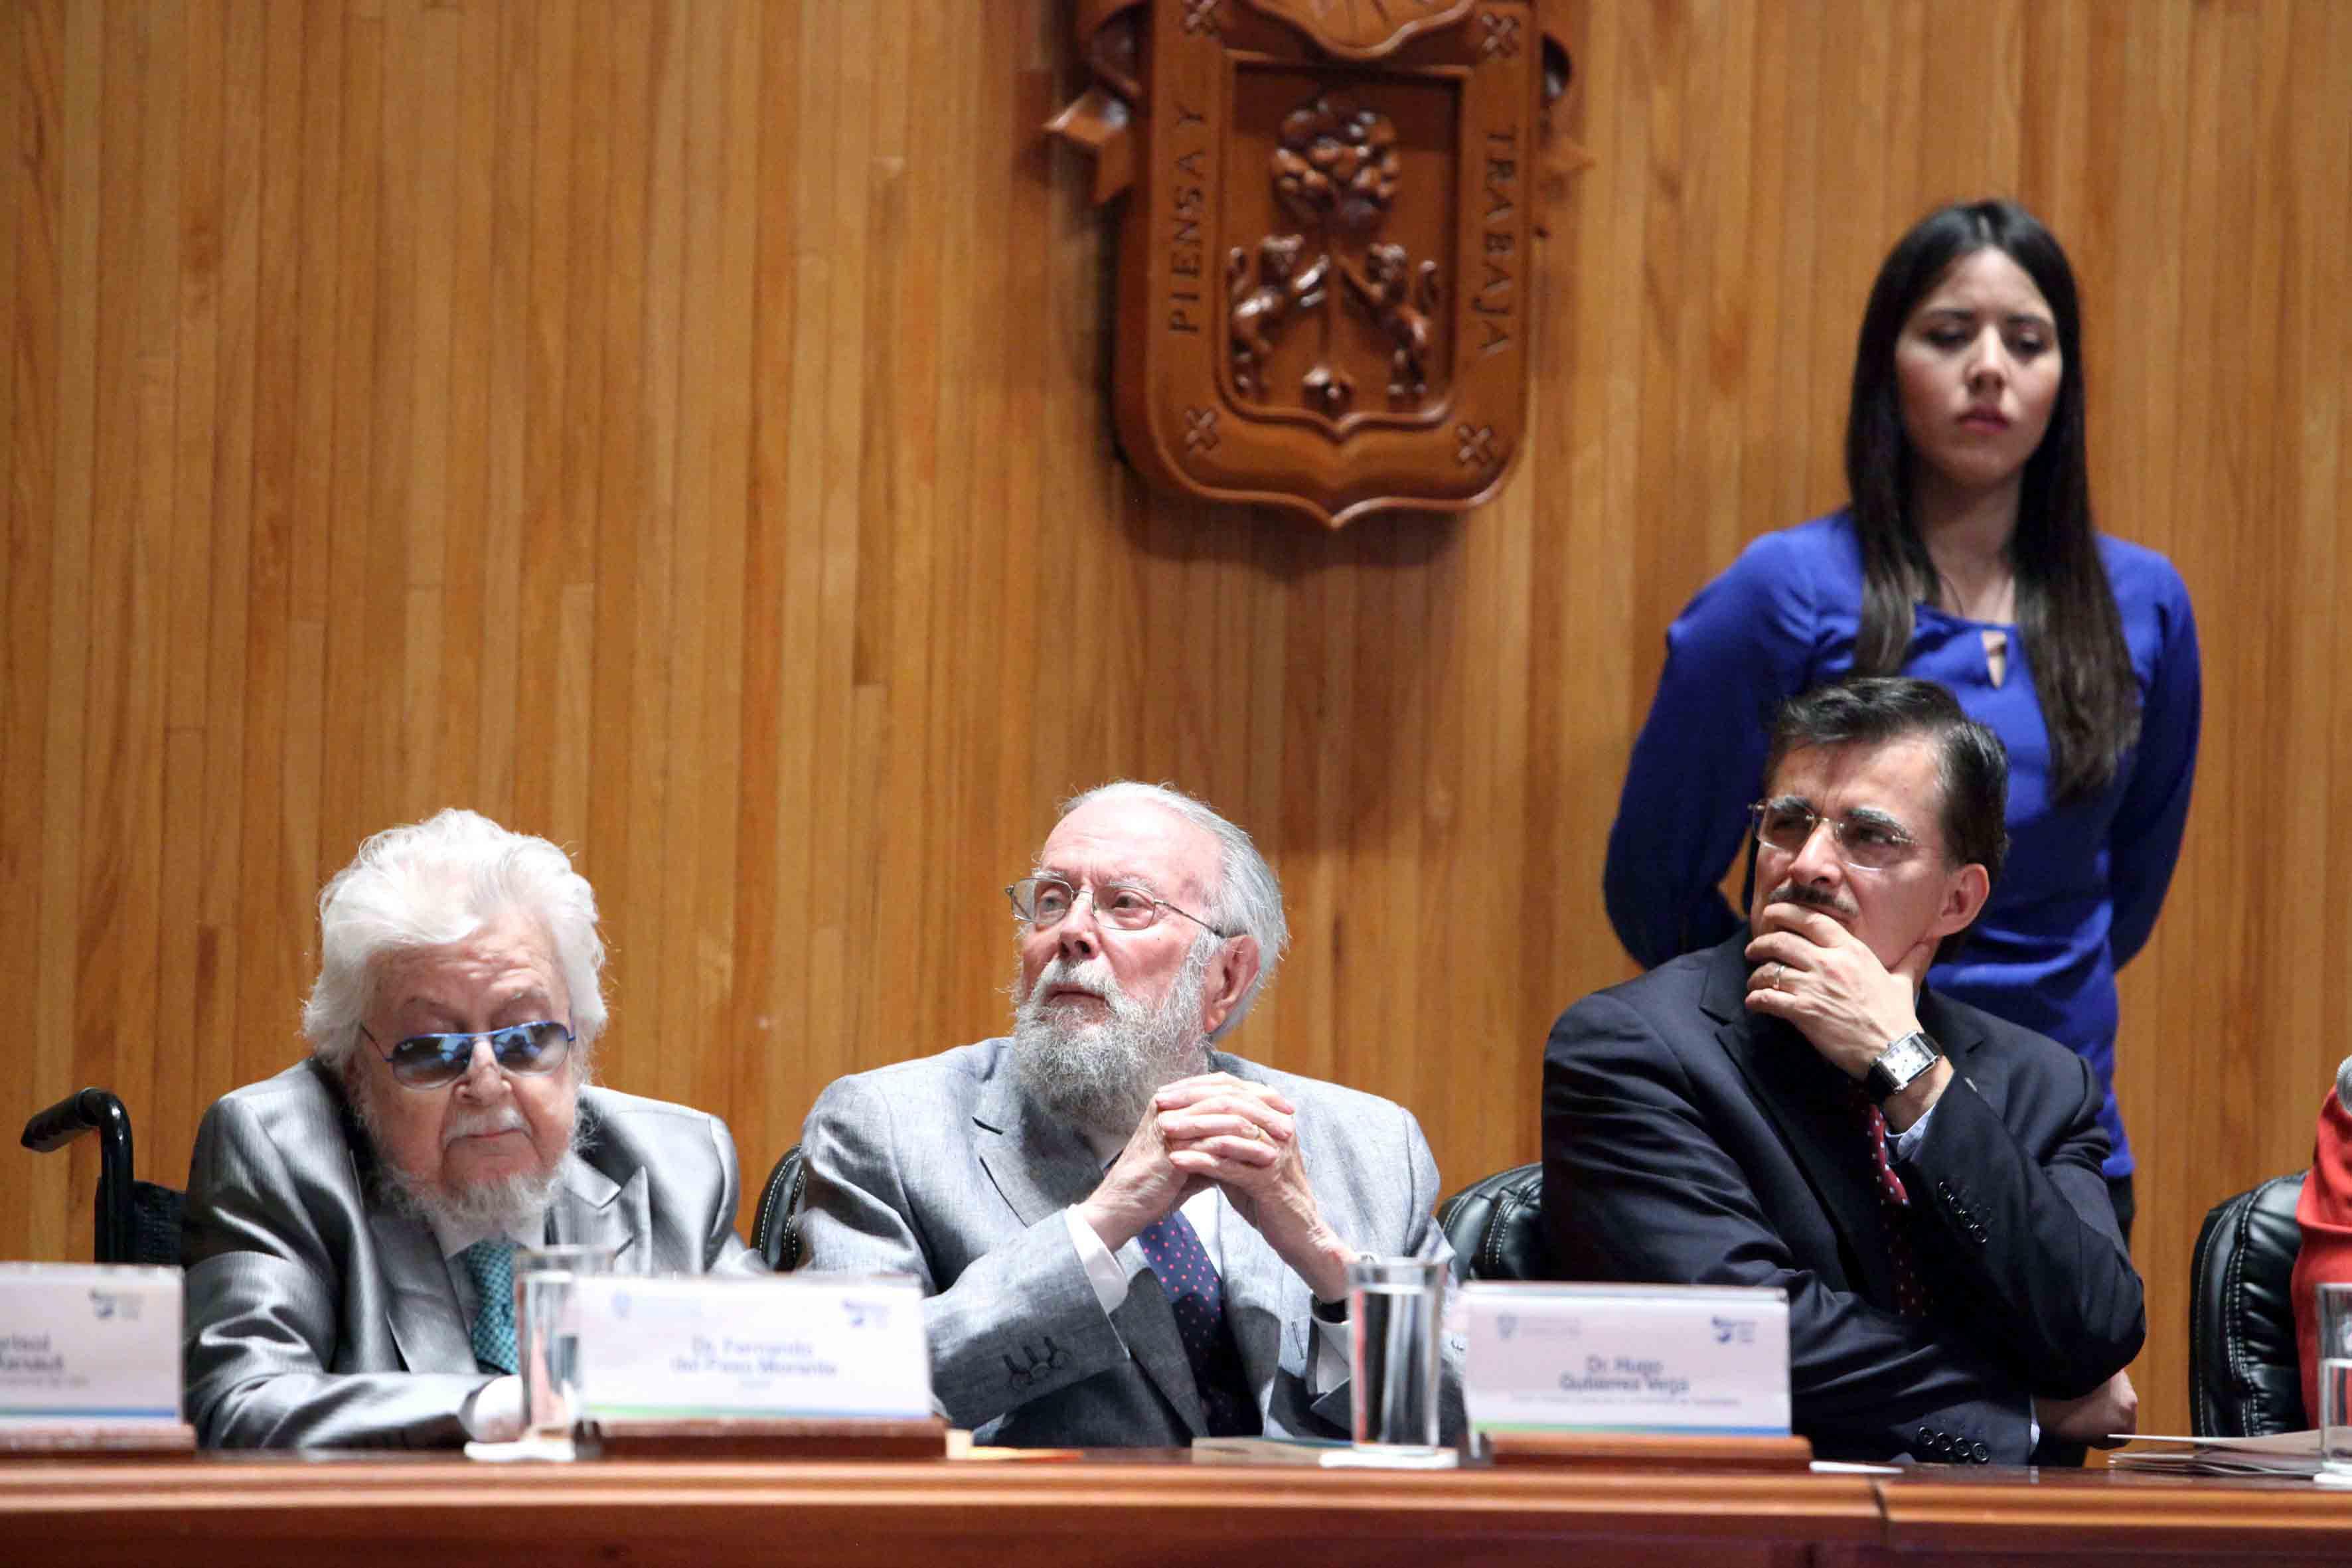 El escritor Fernando del paso, Hugo Gutiérrez Vega, Doctor Honoris causa por la UdeG, y el Rector General de la UdeG, Maestro Itzcóatl Tonatiuh Bravo Padilla.